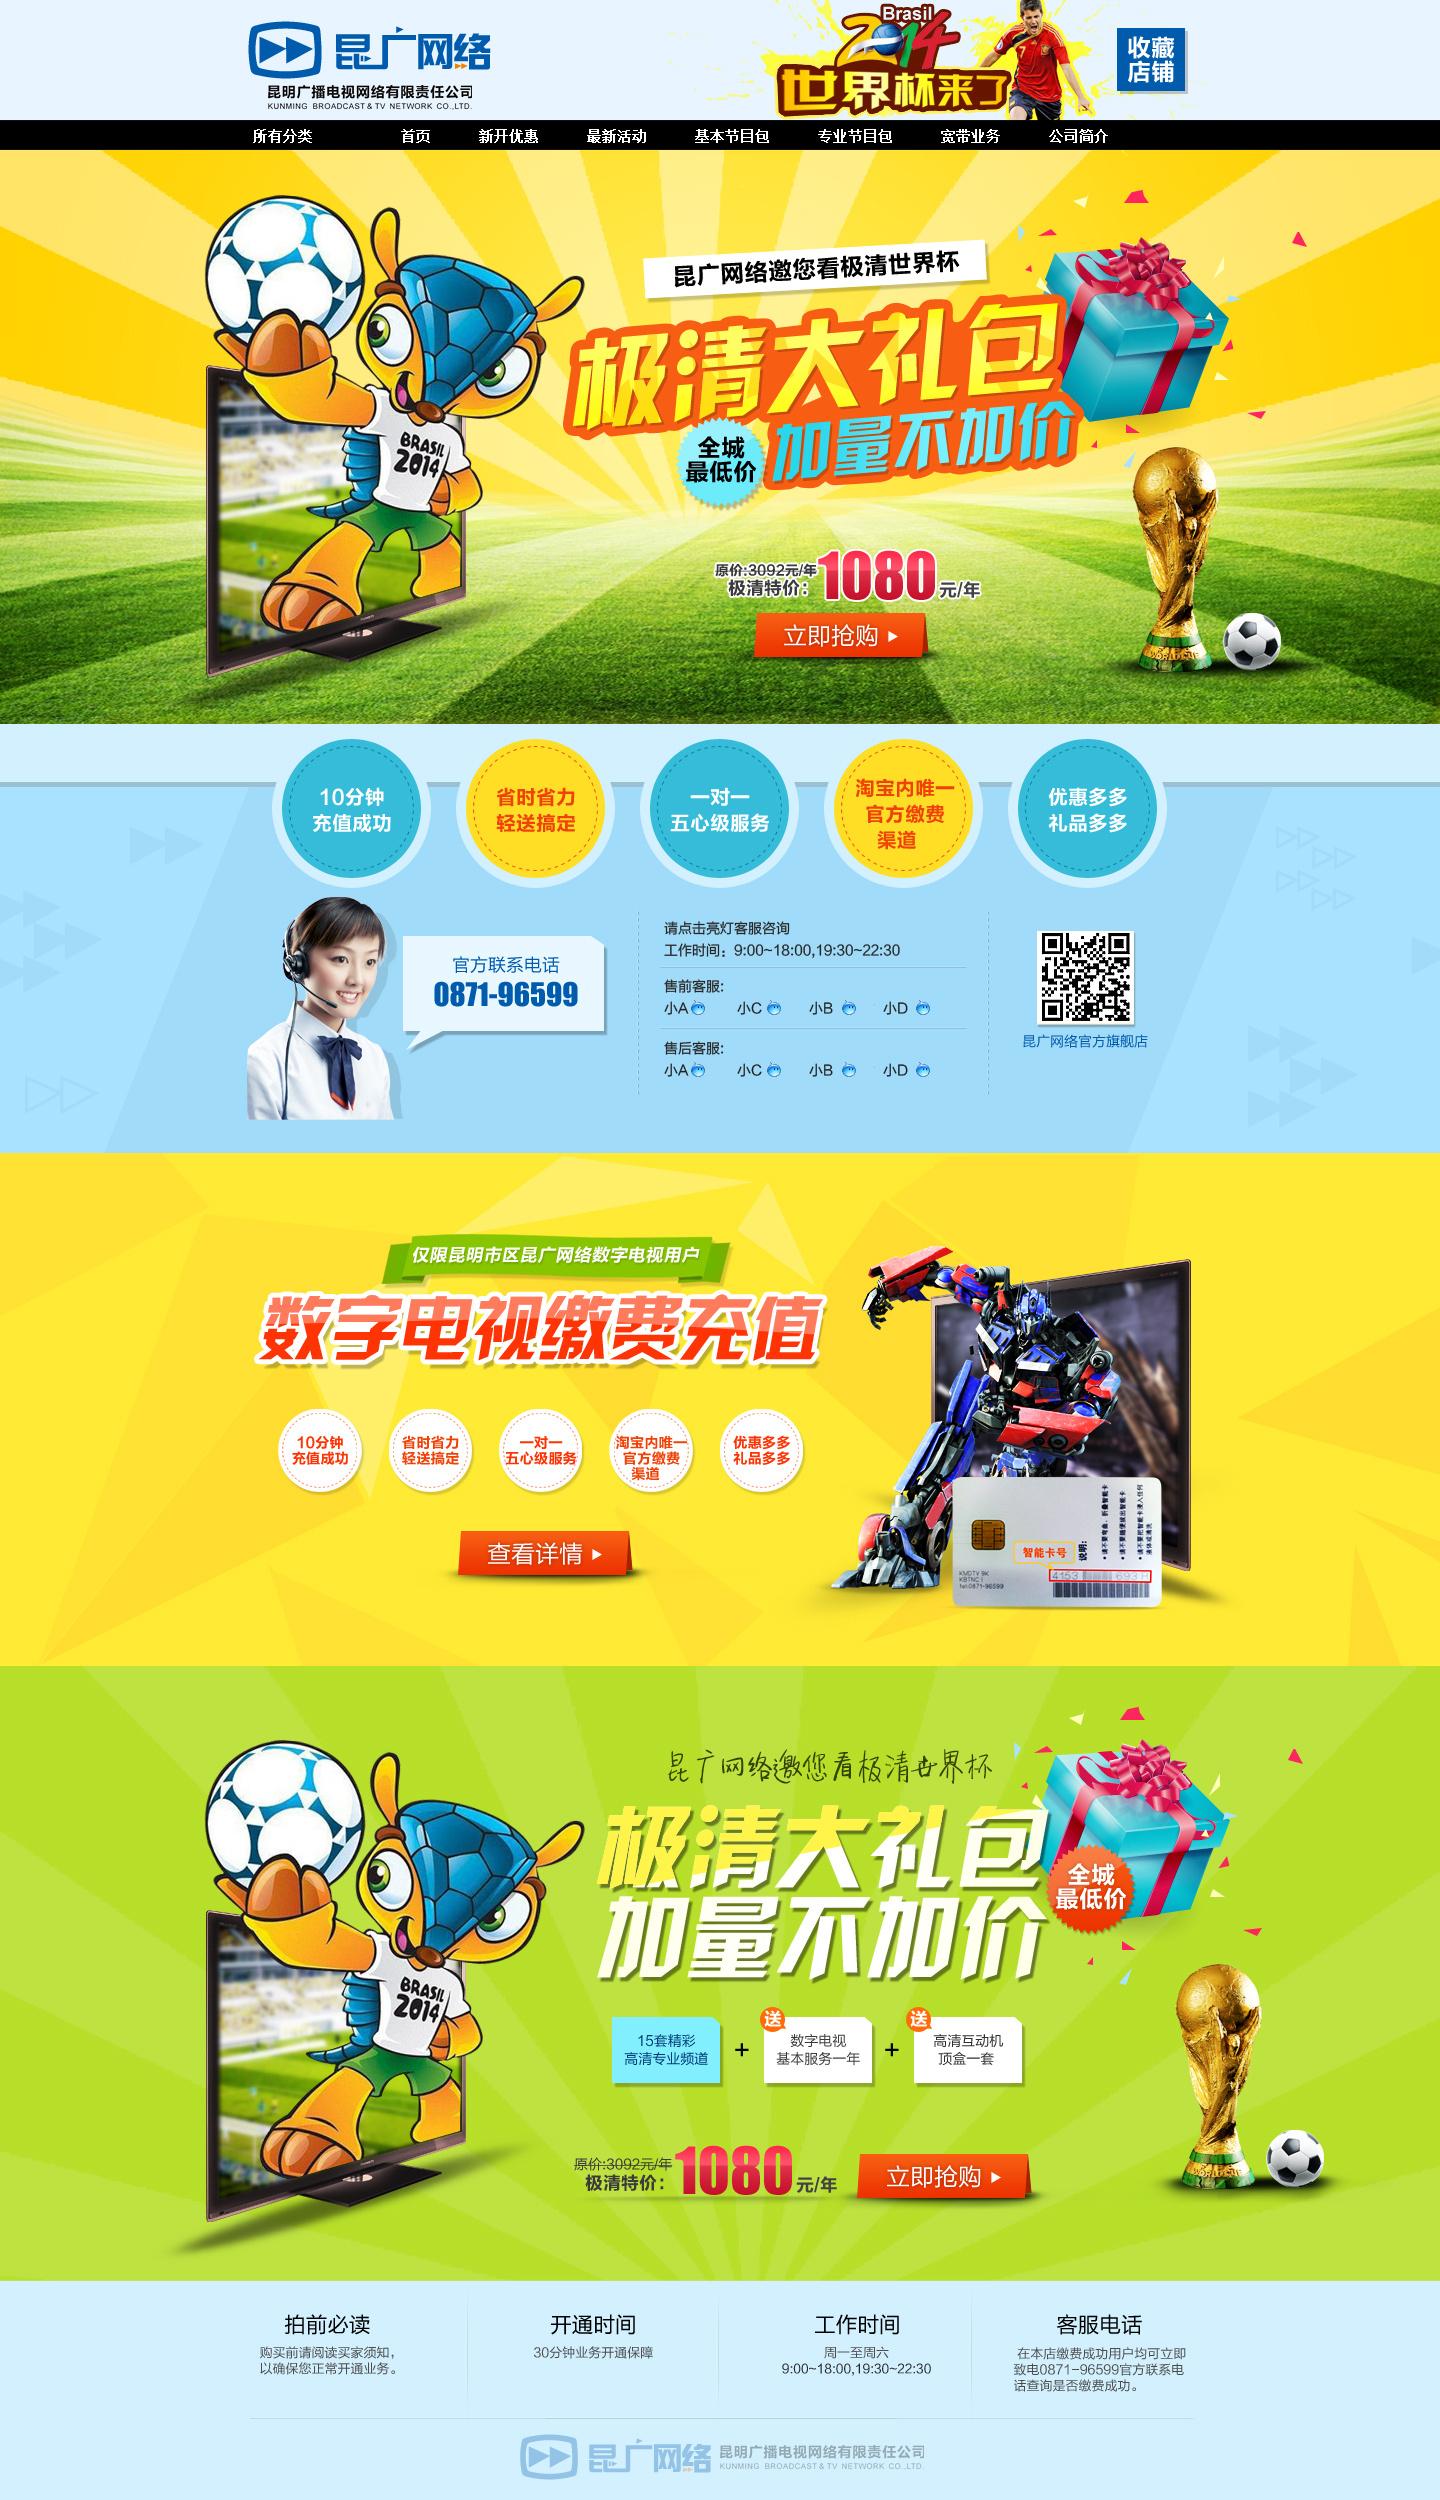 2012西班牙超级杯次回合 巴萨VS皇马 全场(含颁奖)是体育类高清视频,画面清晰,播放流畅,发布时间:2013-02-13。视频简介:体育。盛大游戏充值中心2012盛大卡充值中心年6月1日,北京合力万盛国际体育发展有限公司(UVS)与西班牙足协签署合作协议,双方确定从2013年开始在未来的七年时间里将在中国举办五届西班牙超级杯。按照.